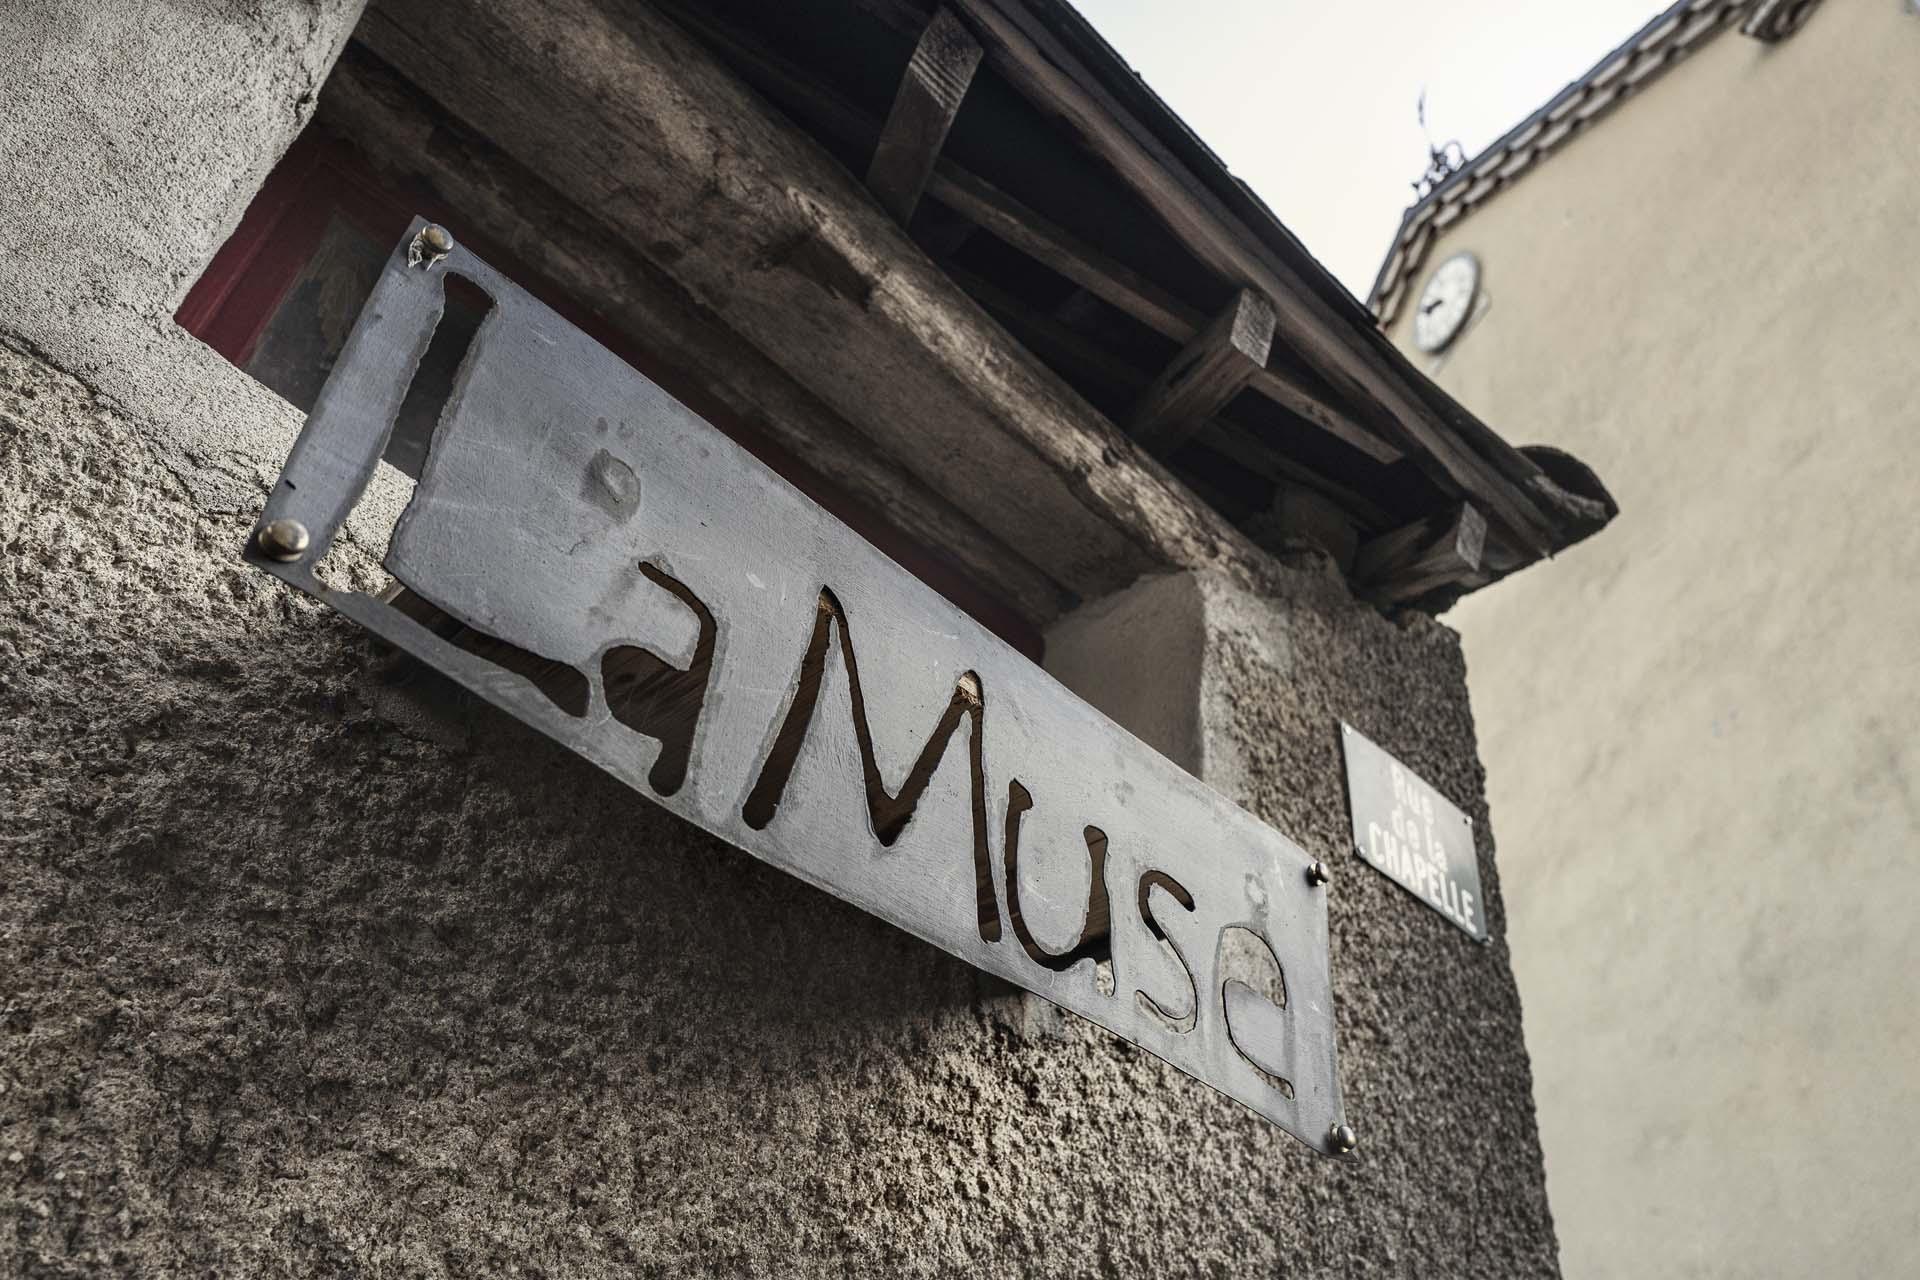 La Muse - Retraite d'artistes et d'écrivains